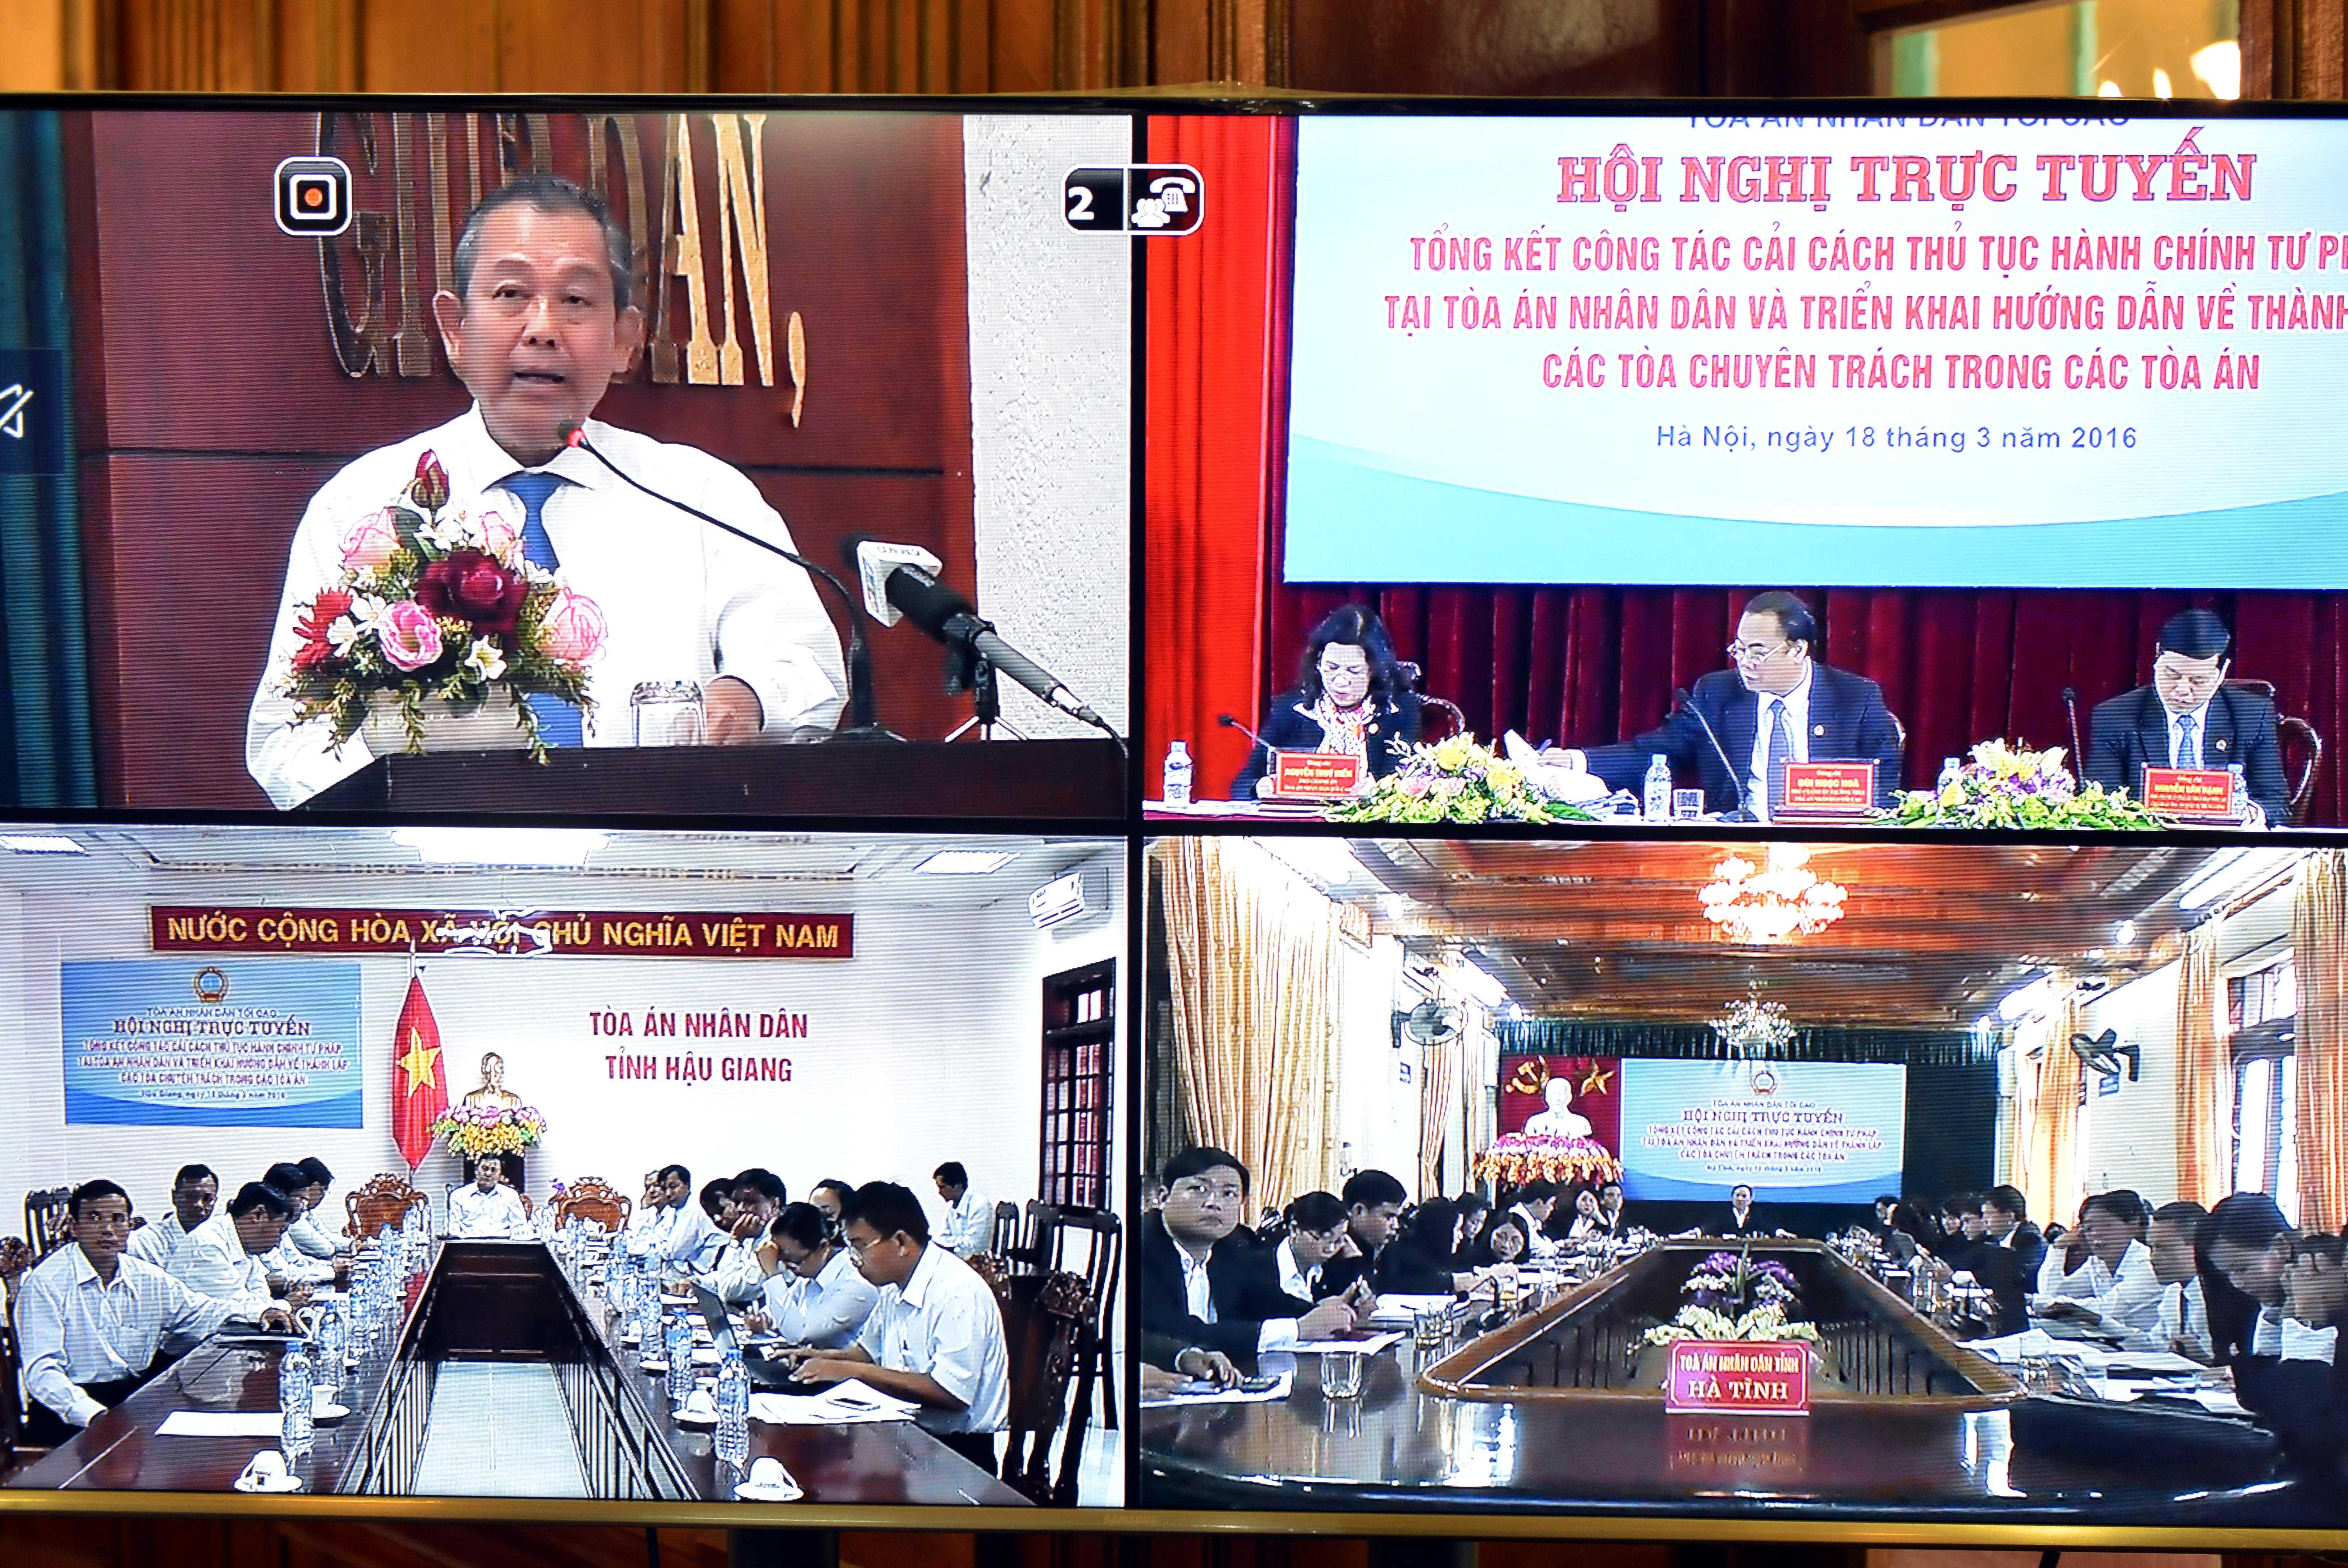 Hình ảnh kết nối các điểm cầu: TP Hồ Chí Minh; TP Hà Nội, tỉnh Hậu Giang và Hà Tĩnh